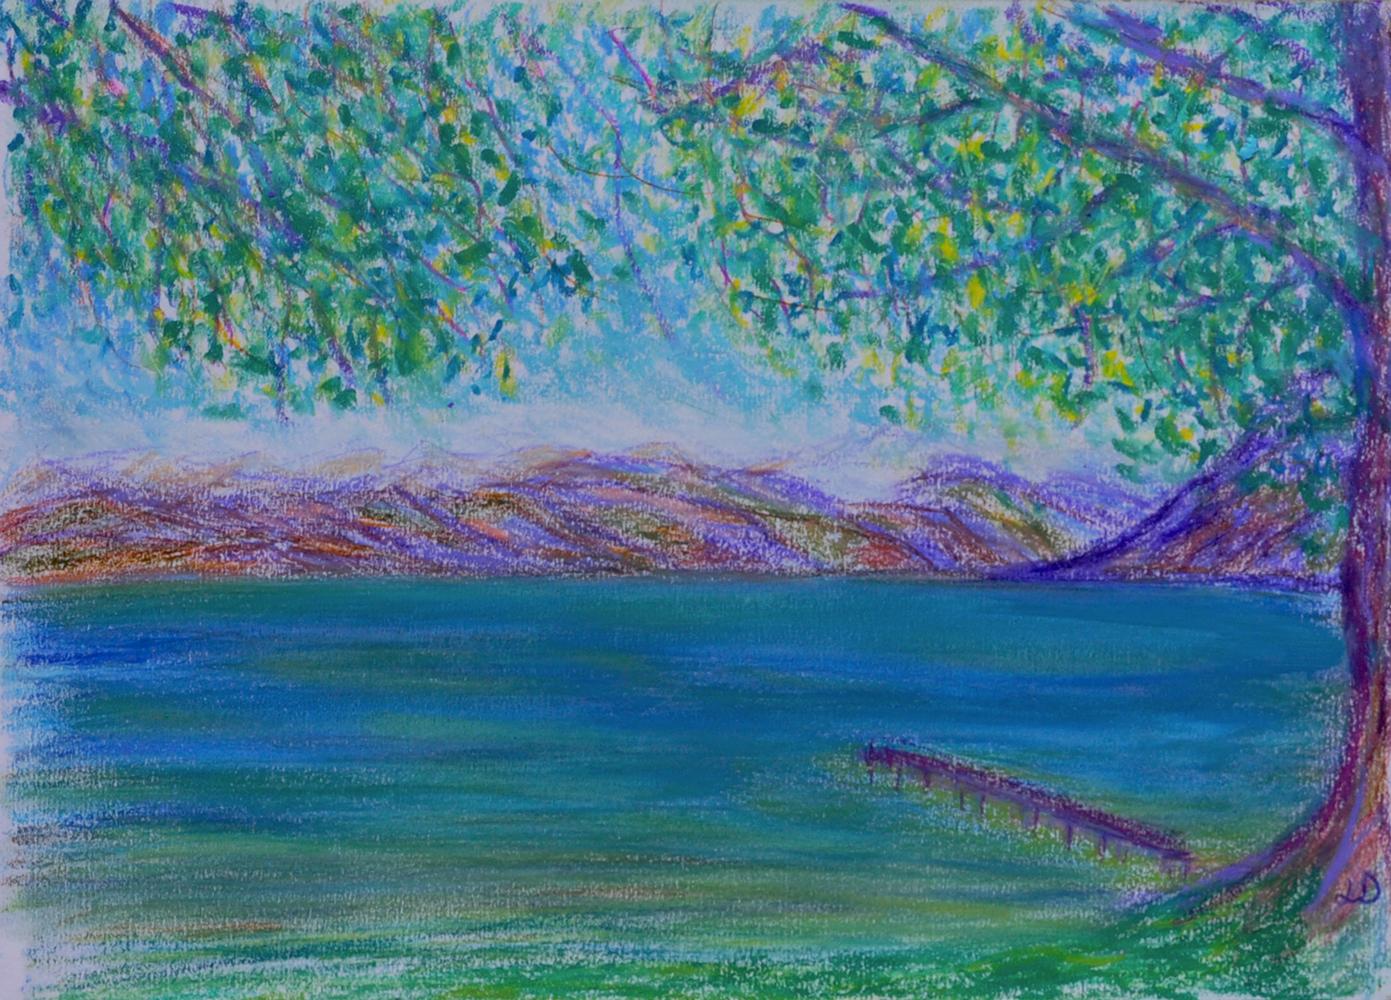 Lac Léman, St Prex no. 1. Pastel à la cire sur papier, 21x30, 2018